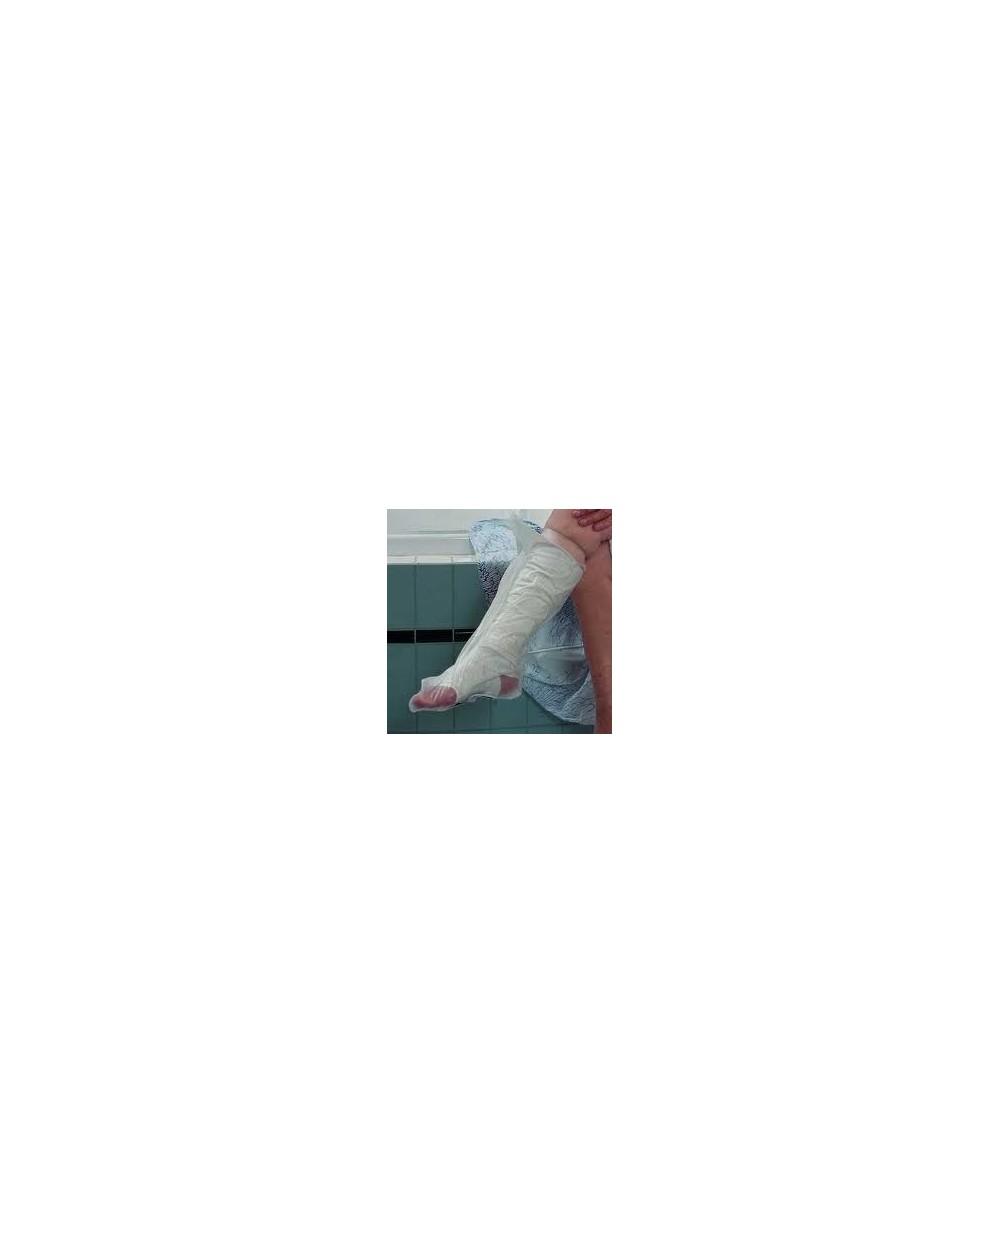 Housse étanche pour plâtre du mollet, taille L.